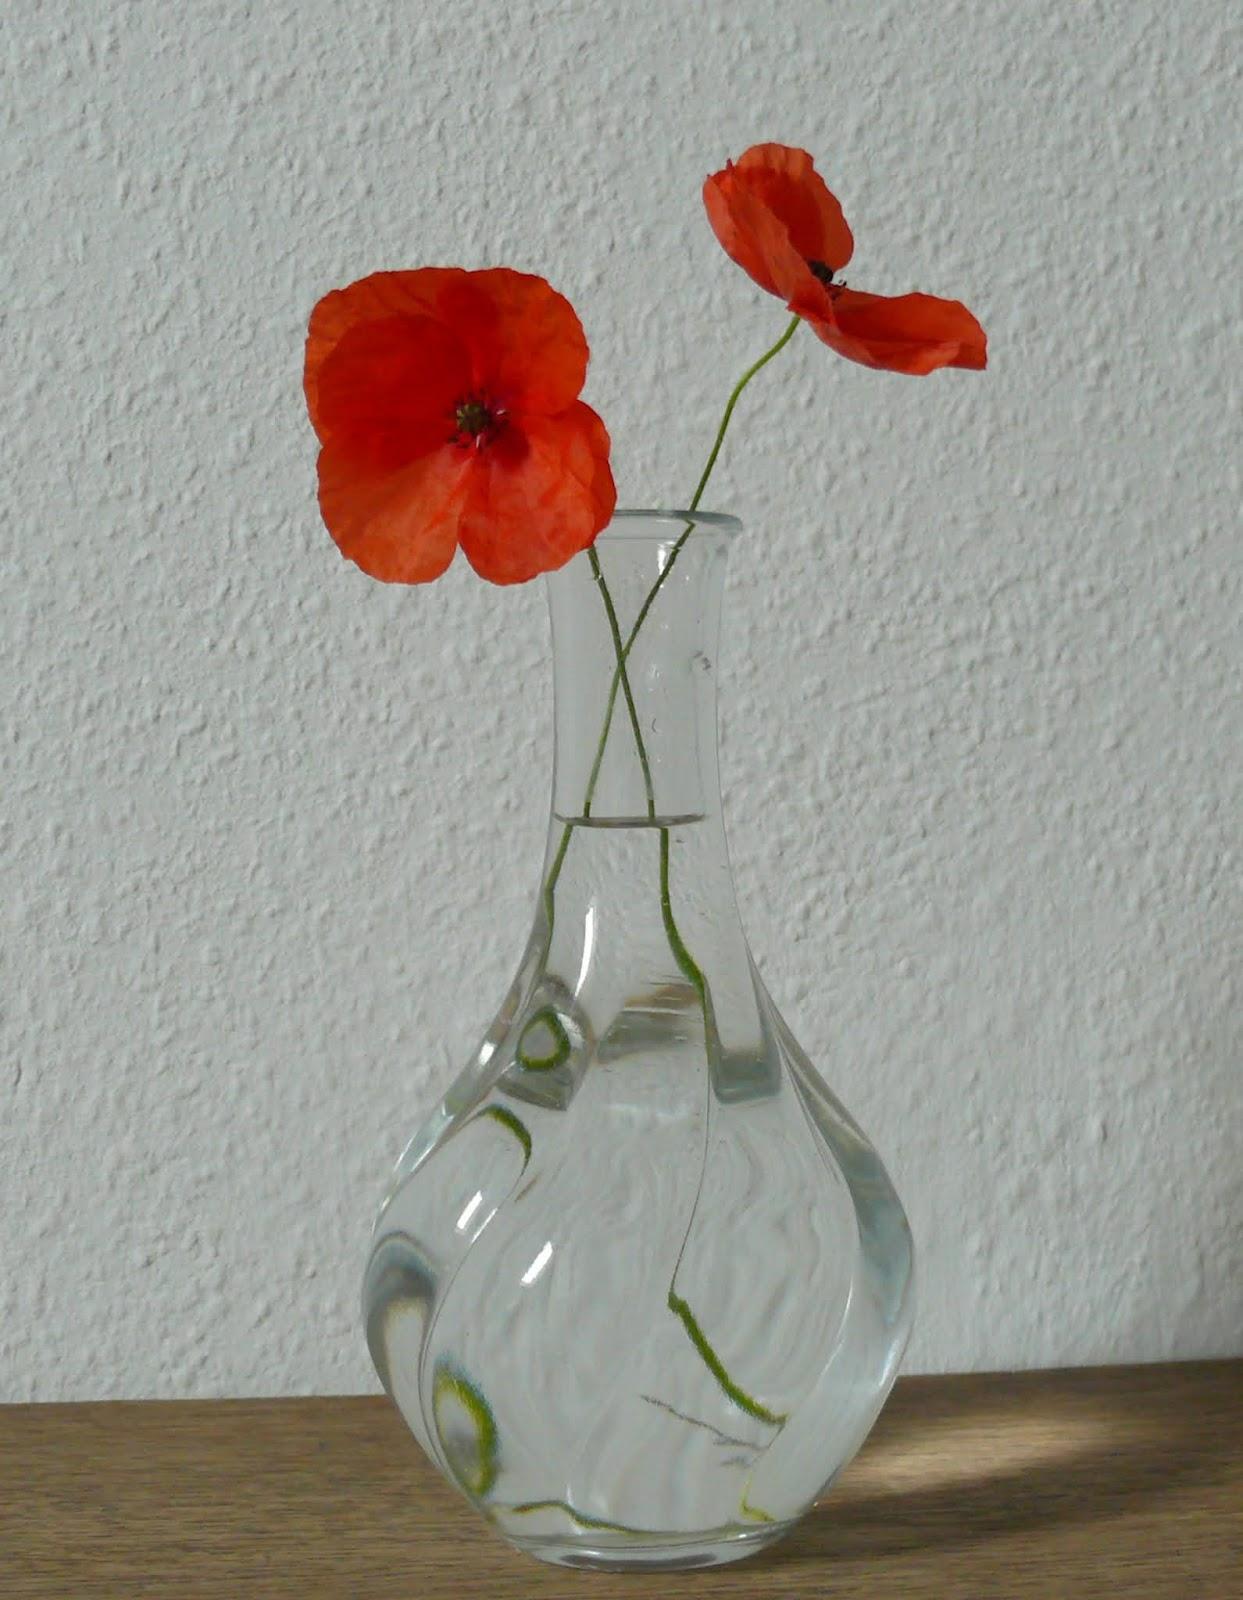 gk kreativ: Freitagsblumen und eine DIY Upcyclingvase aus Tetrapack